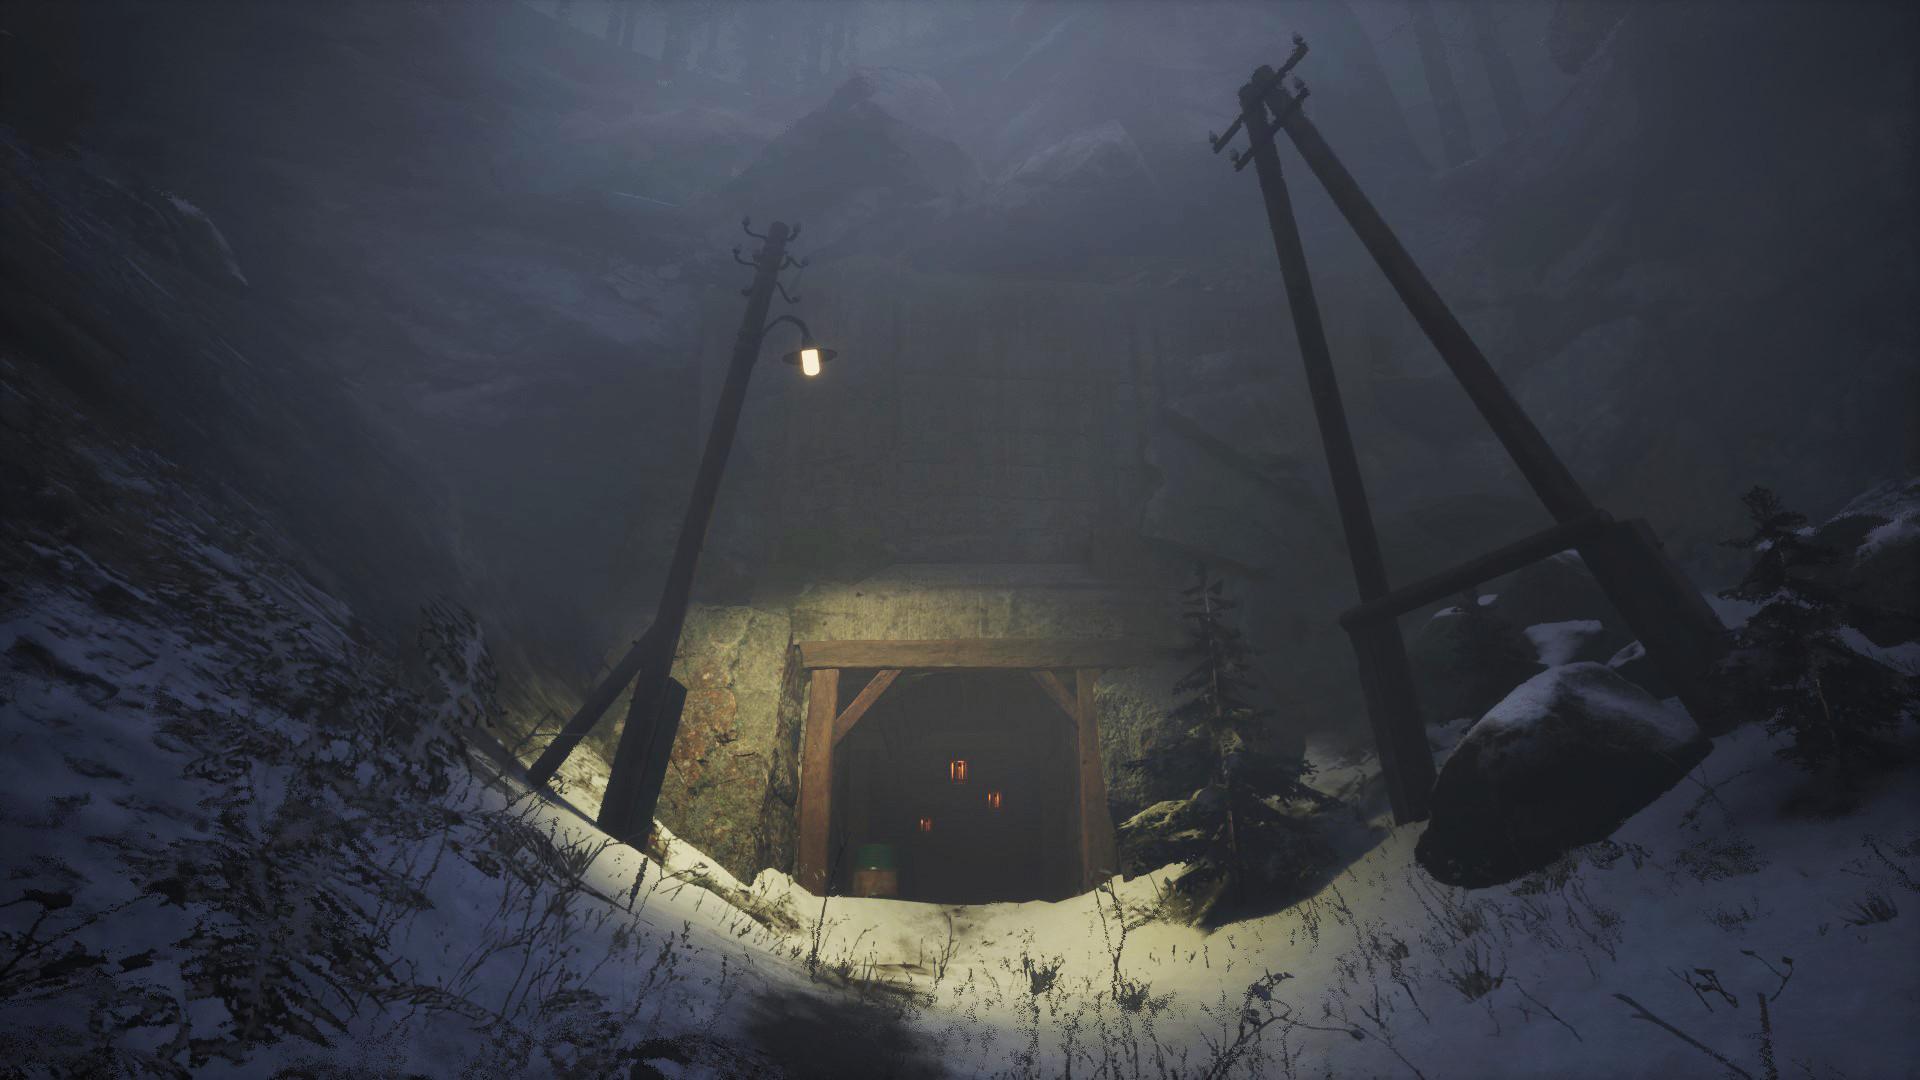 Expedition Zero — атмосферный ужастик с элементами выживания про советского учёного, застрявшего в Сибири